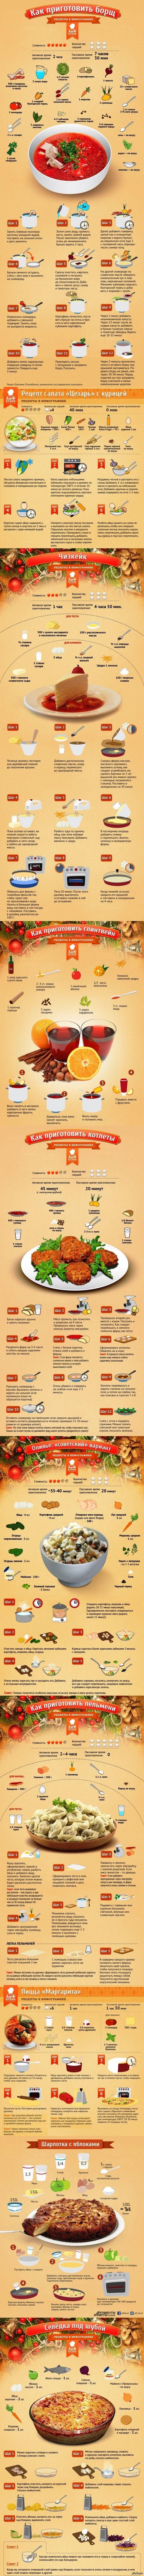 10 простых рецептов   инфографика, рецепт, еда, Интересное, длиннопост